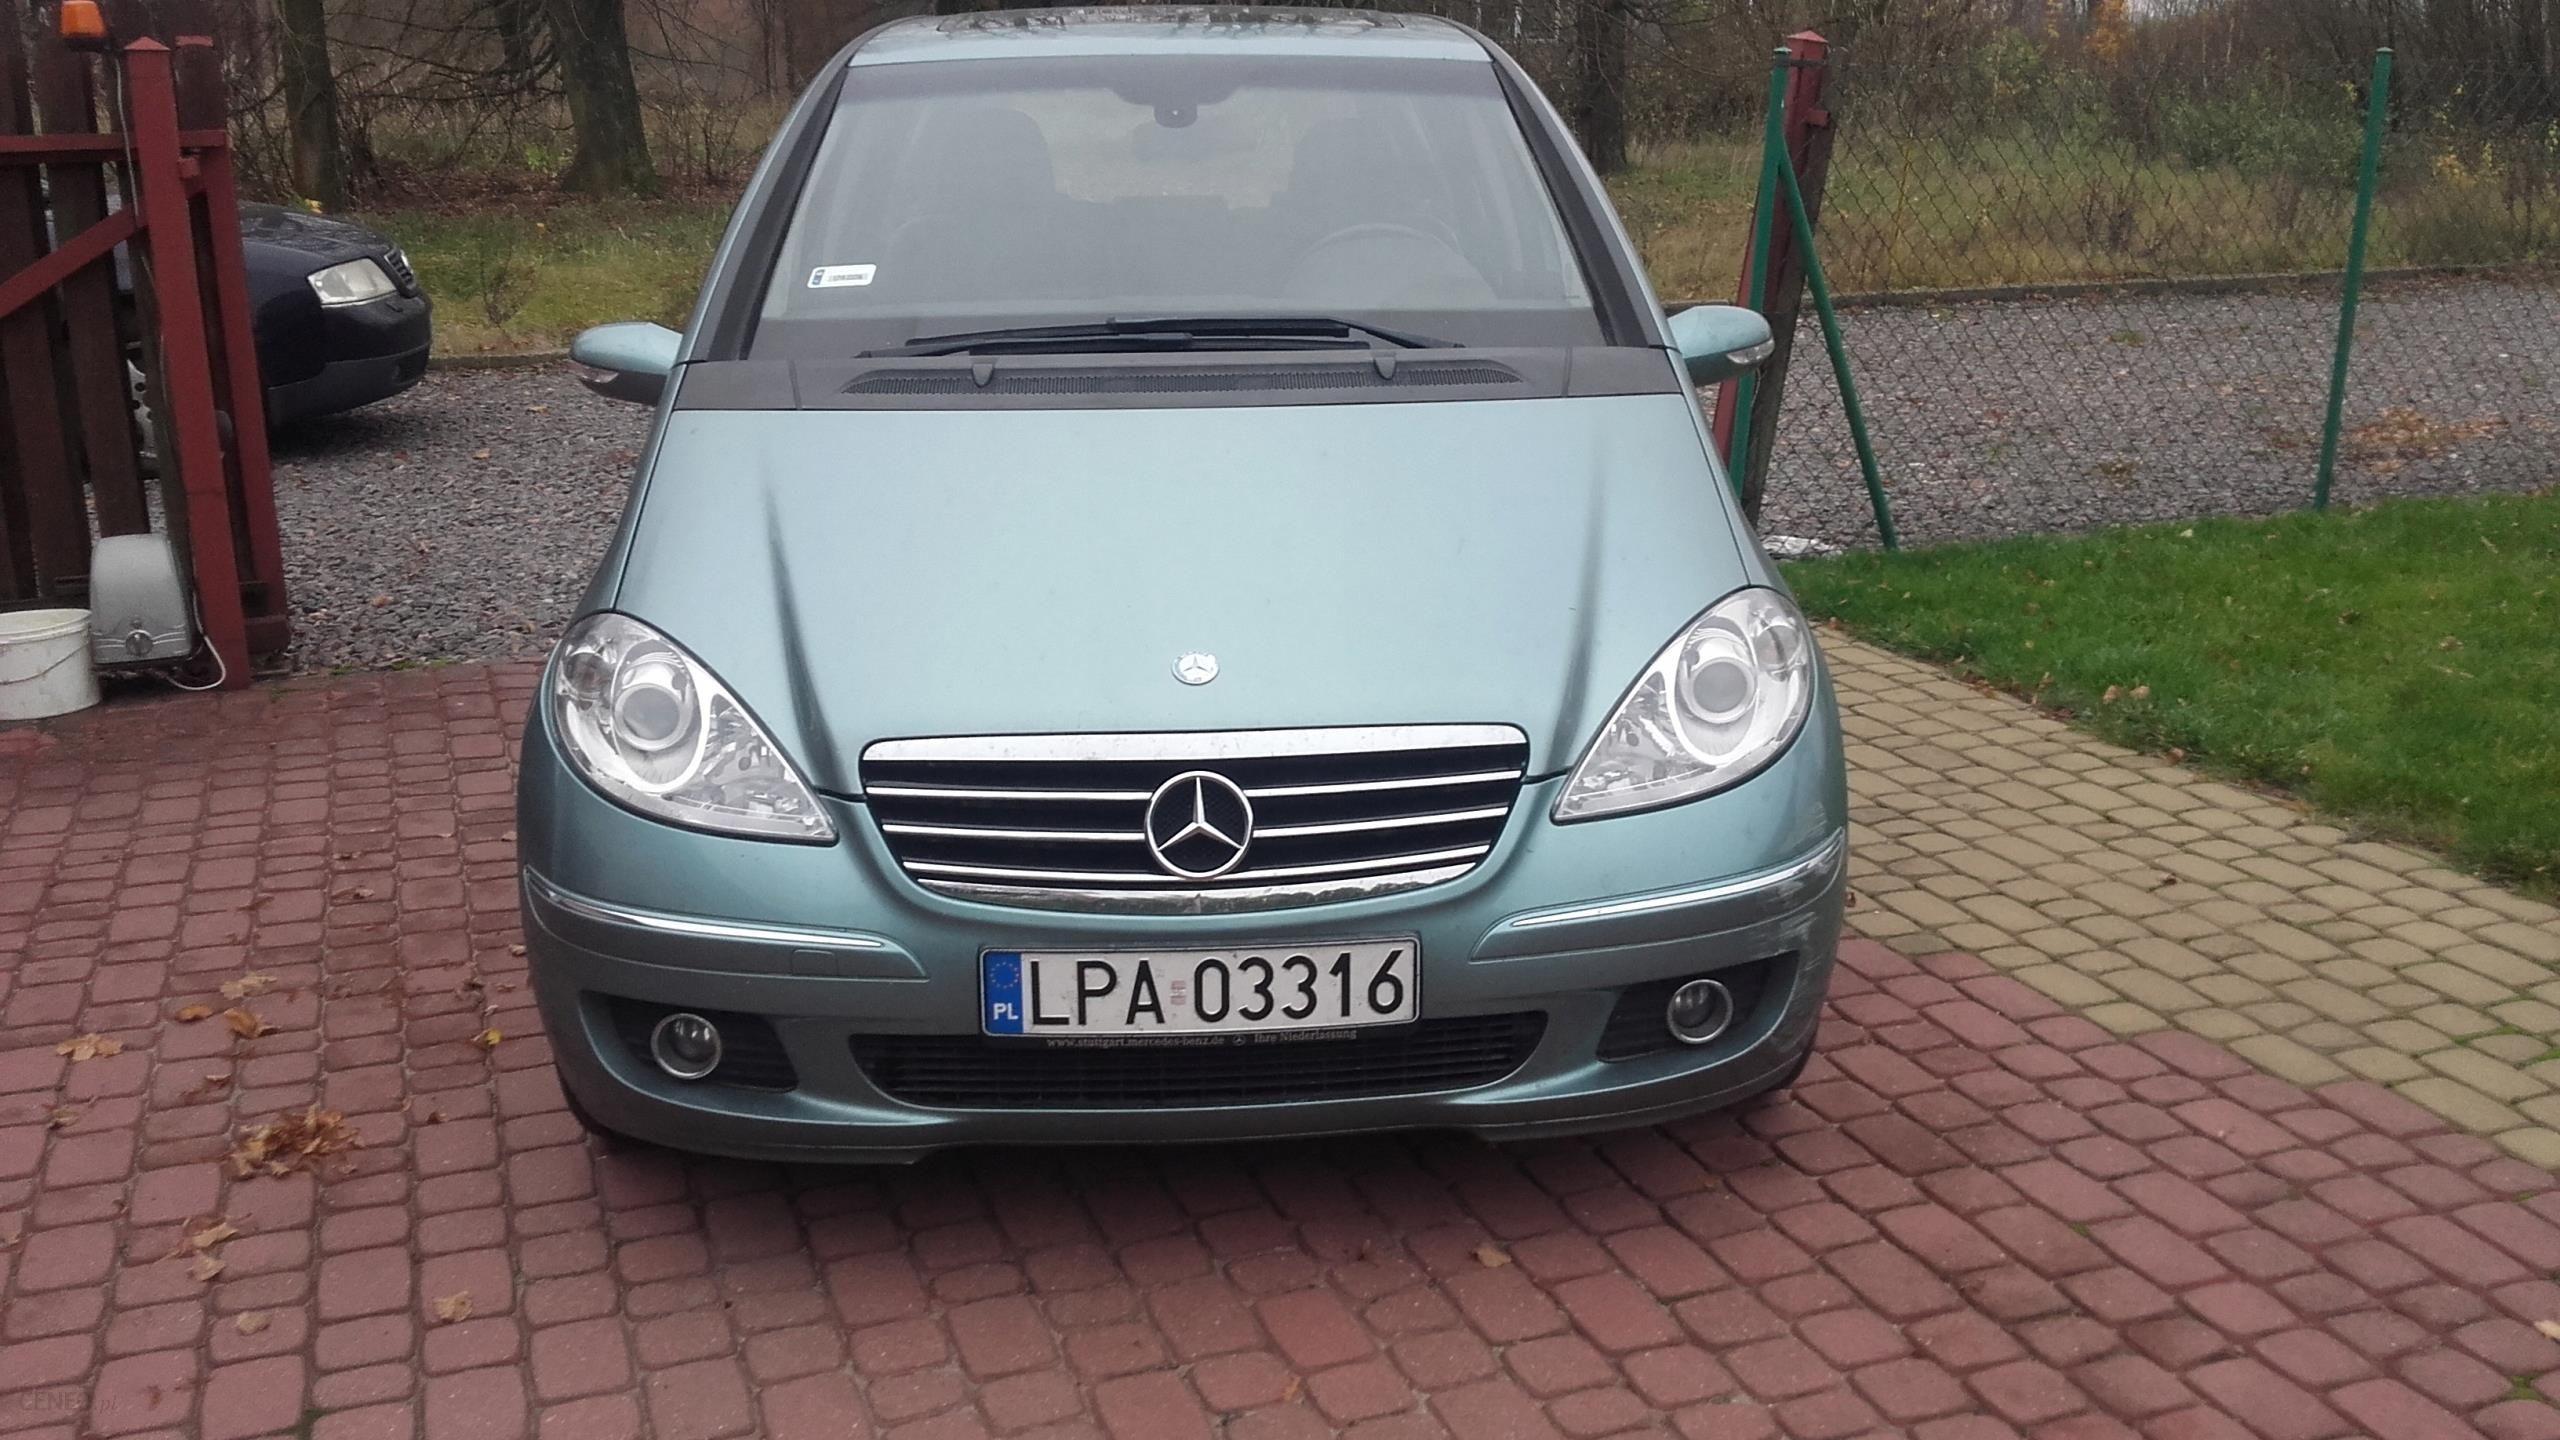 Mercedes Benz Klasa A 180 Cdi Automat Opinie I Ceny Na Ceneo Pl